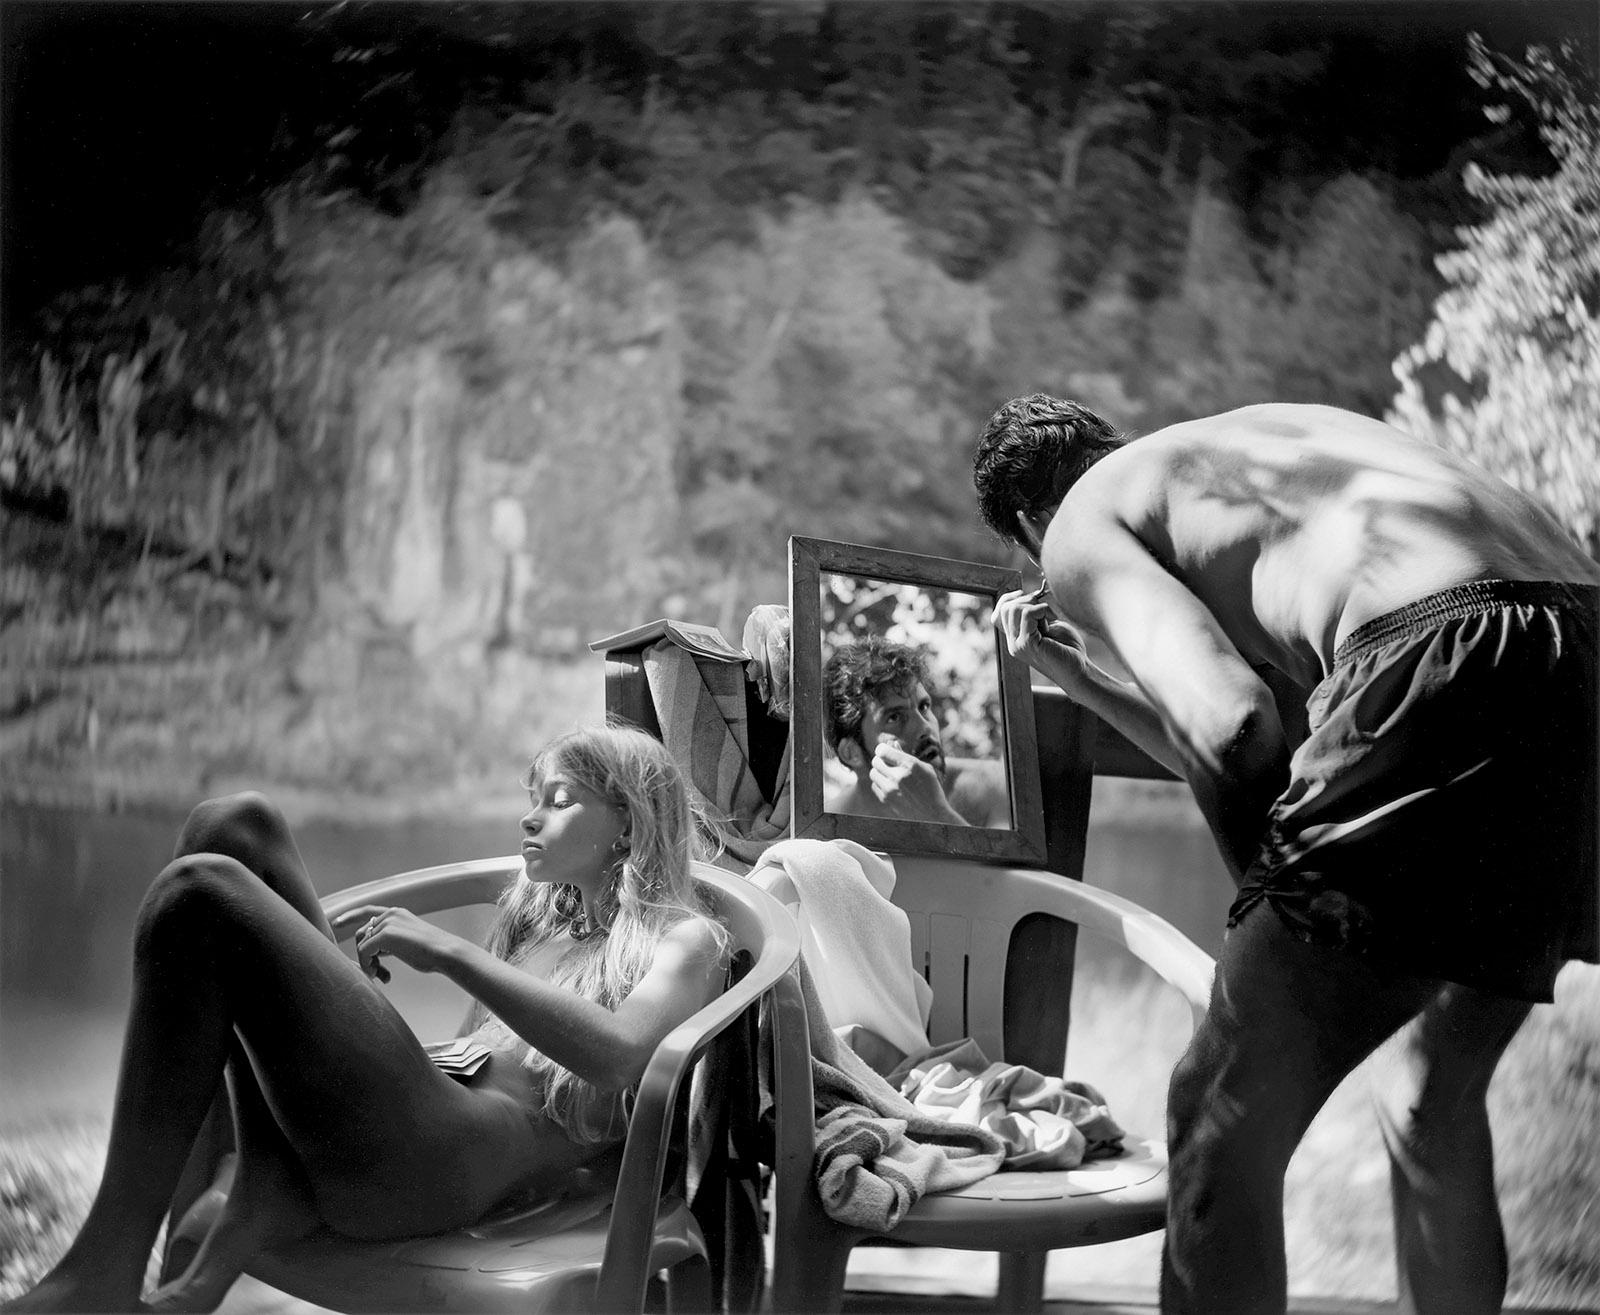 Sally Mann: Larry Shaving, 1991